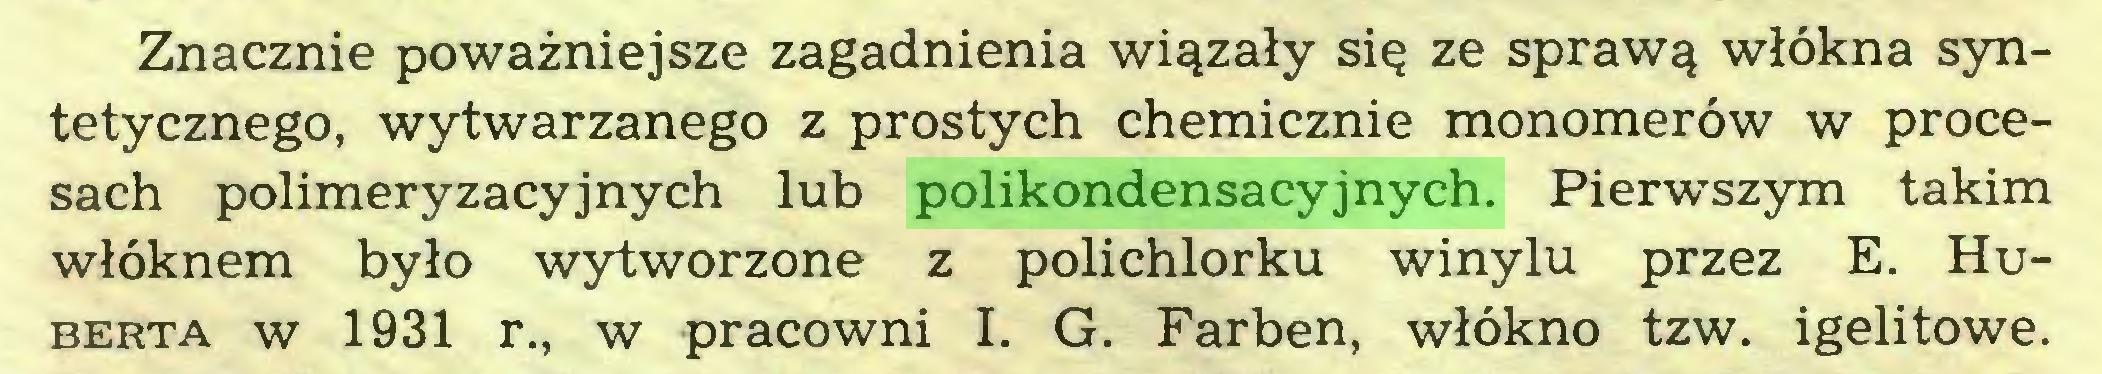 (...) Znacznie poważniejsze zagadnienia wiązały się ze sprawą włókna syntetycznego, wytwarzanego z prostych chemicznie monomerów w procesach polimeryzacyjnych lub polikondensacyjnych. Pierwszym takim włóknem było wytworzone z polichlorku winylu przez E. Huberta w 1931 r., w pracowni I. G. Farben, włókno tzw. igelitowe...